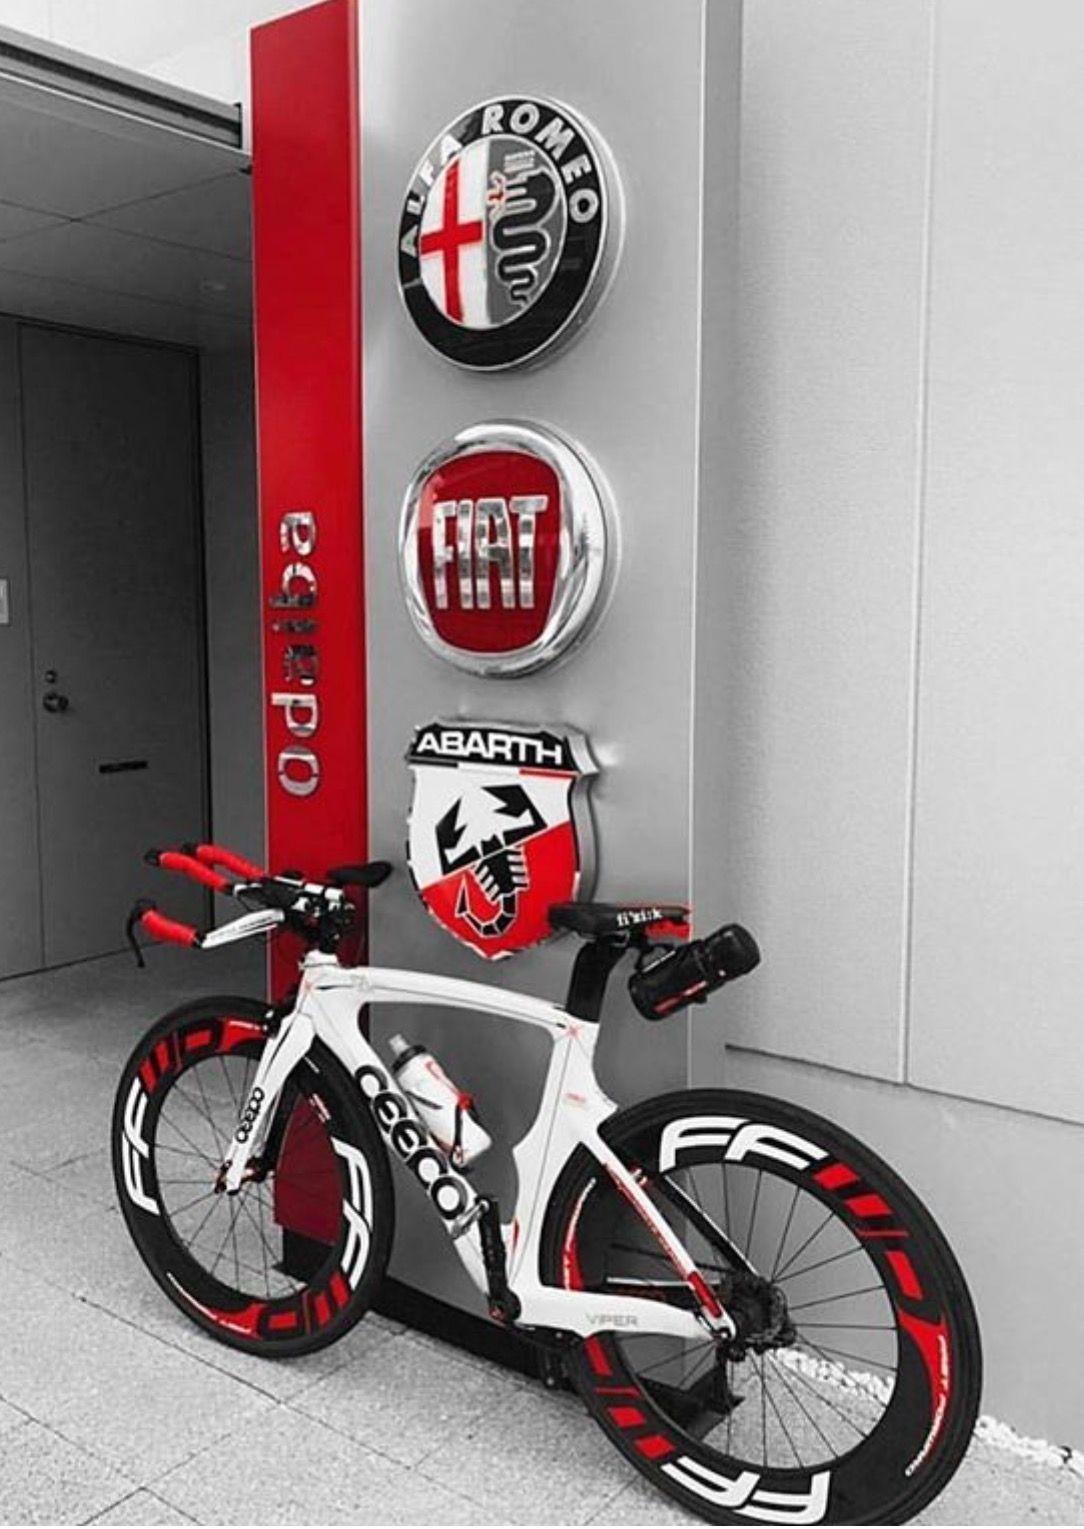 Pin de Erica Loots en Triathlon | Pinterest | Bicicleta, Ciclismo y ...